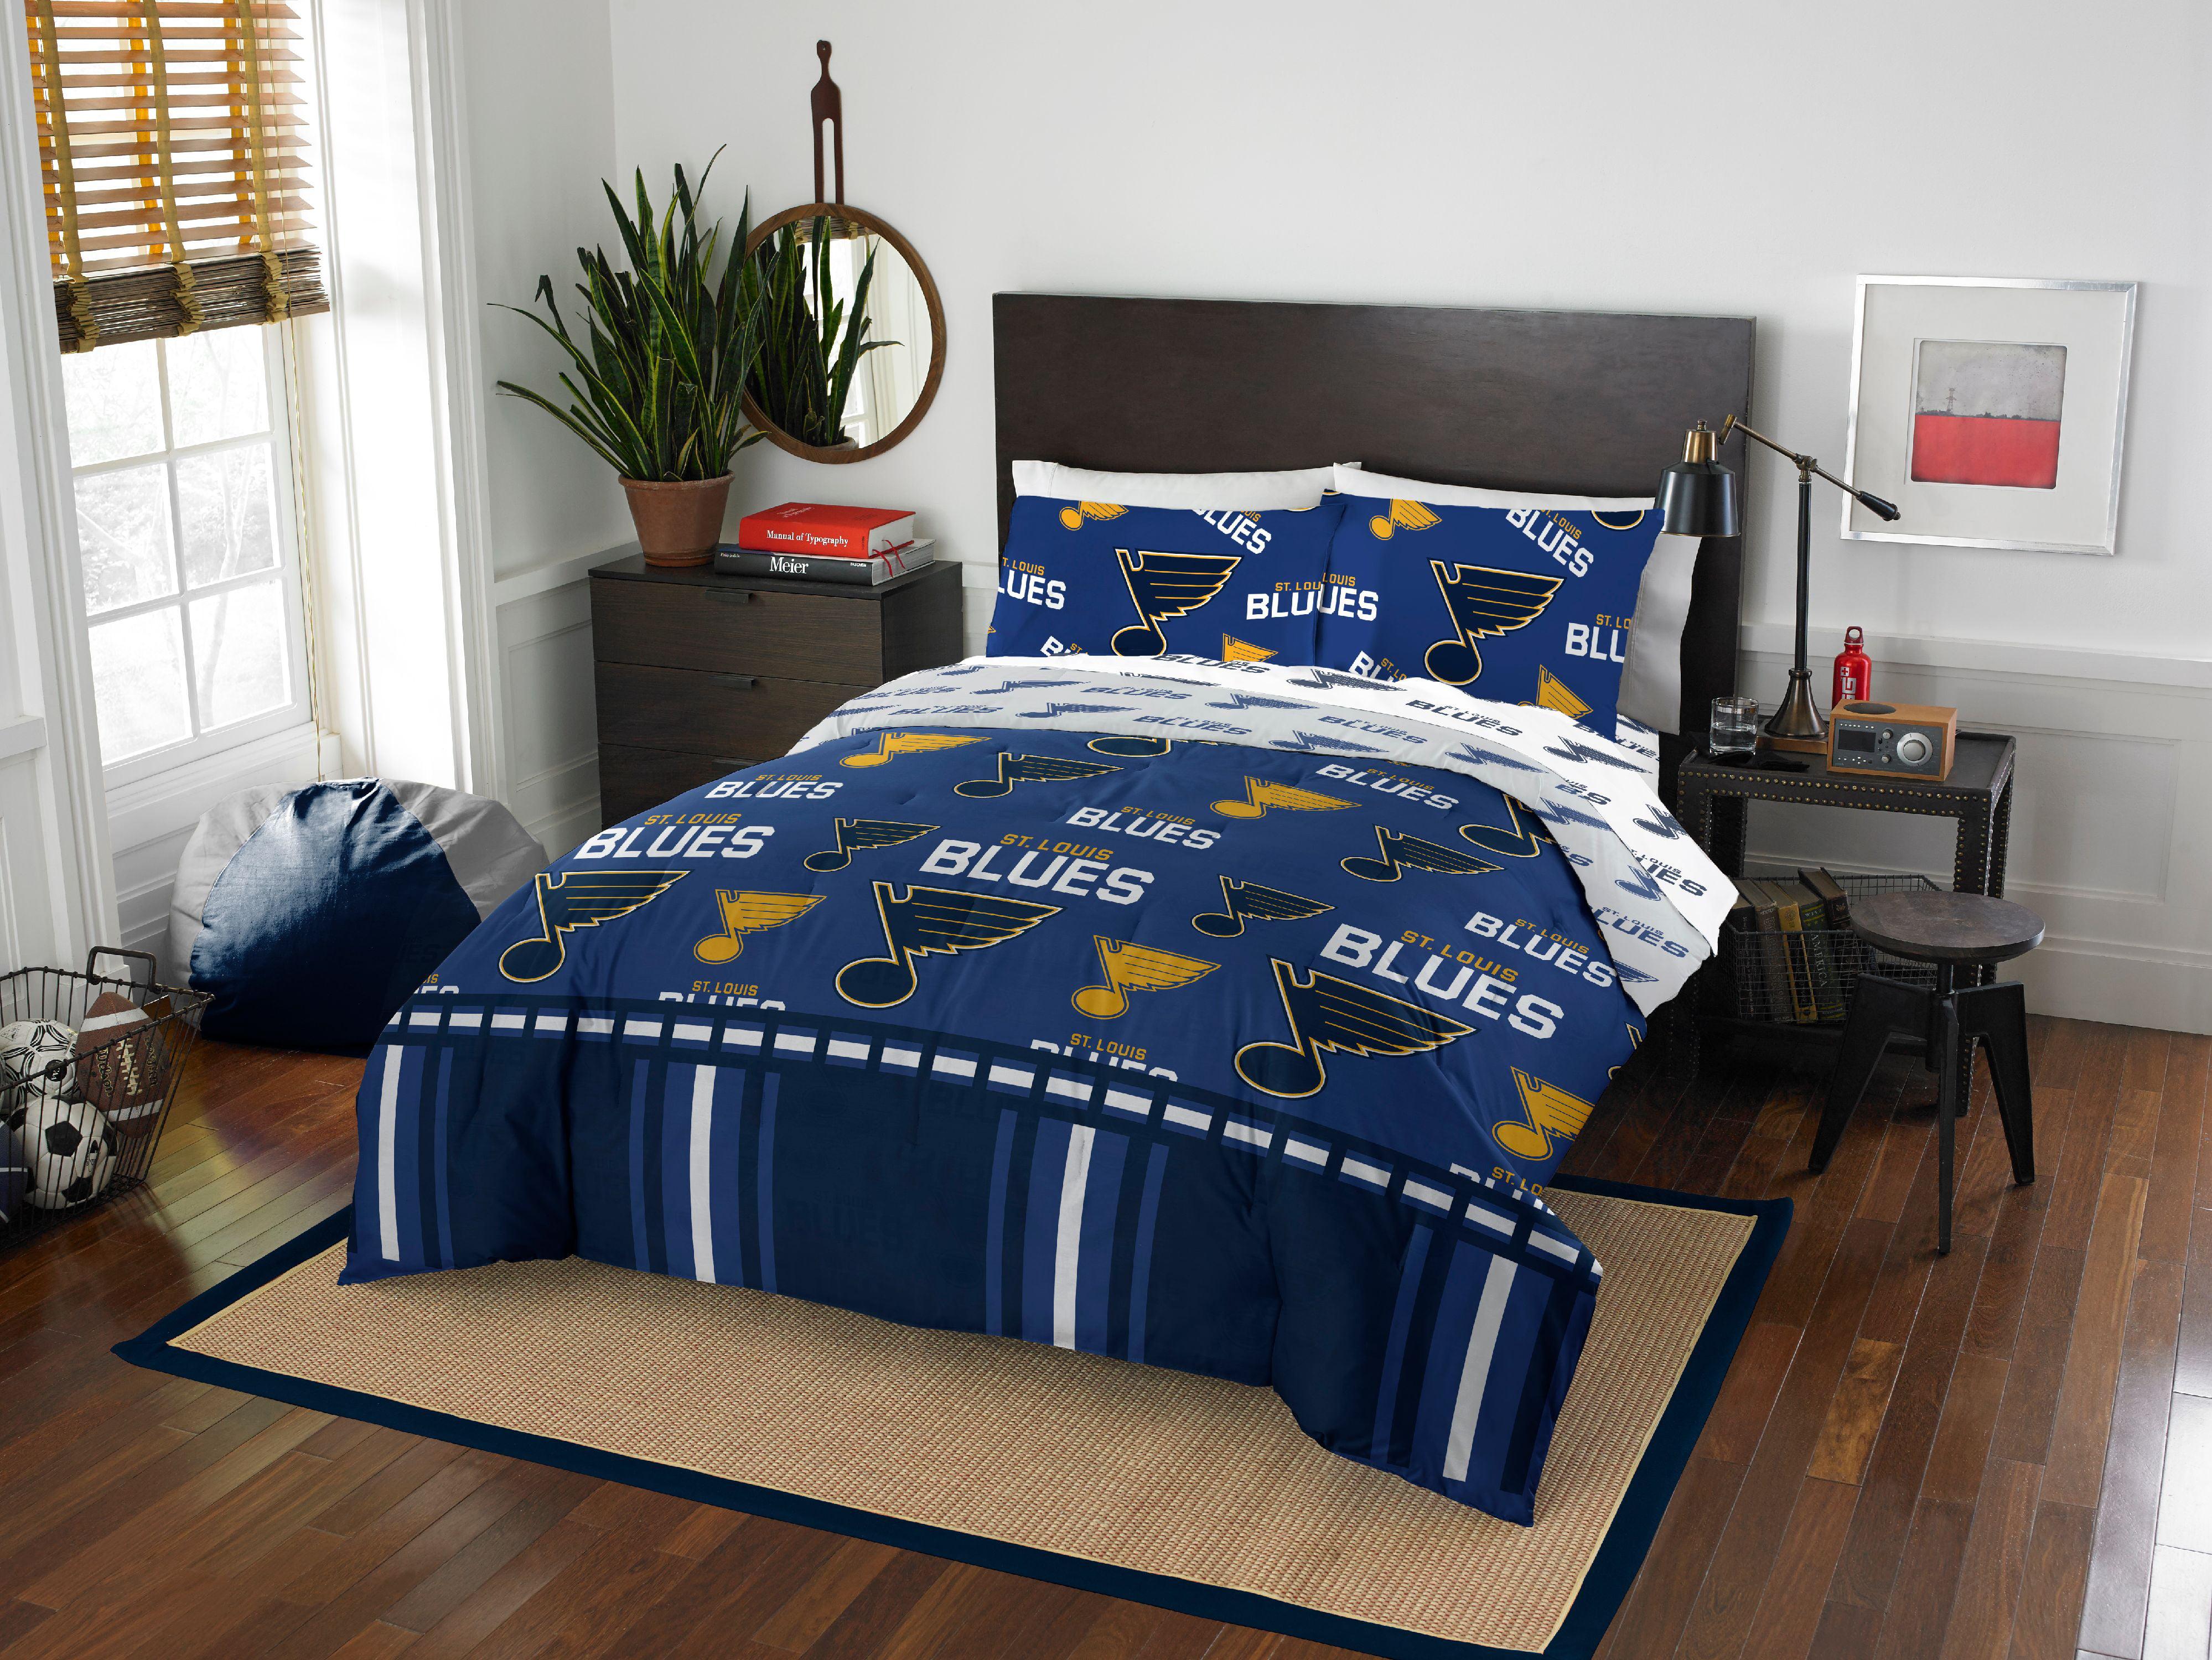 St. Louis Blues Queen Bed In Bag Set - Walmart.com